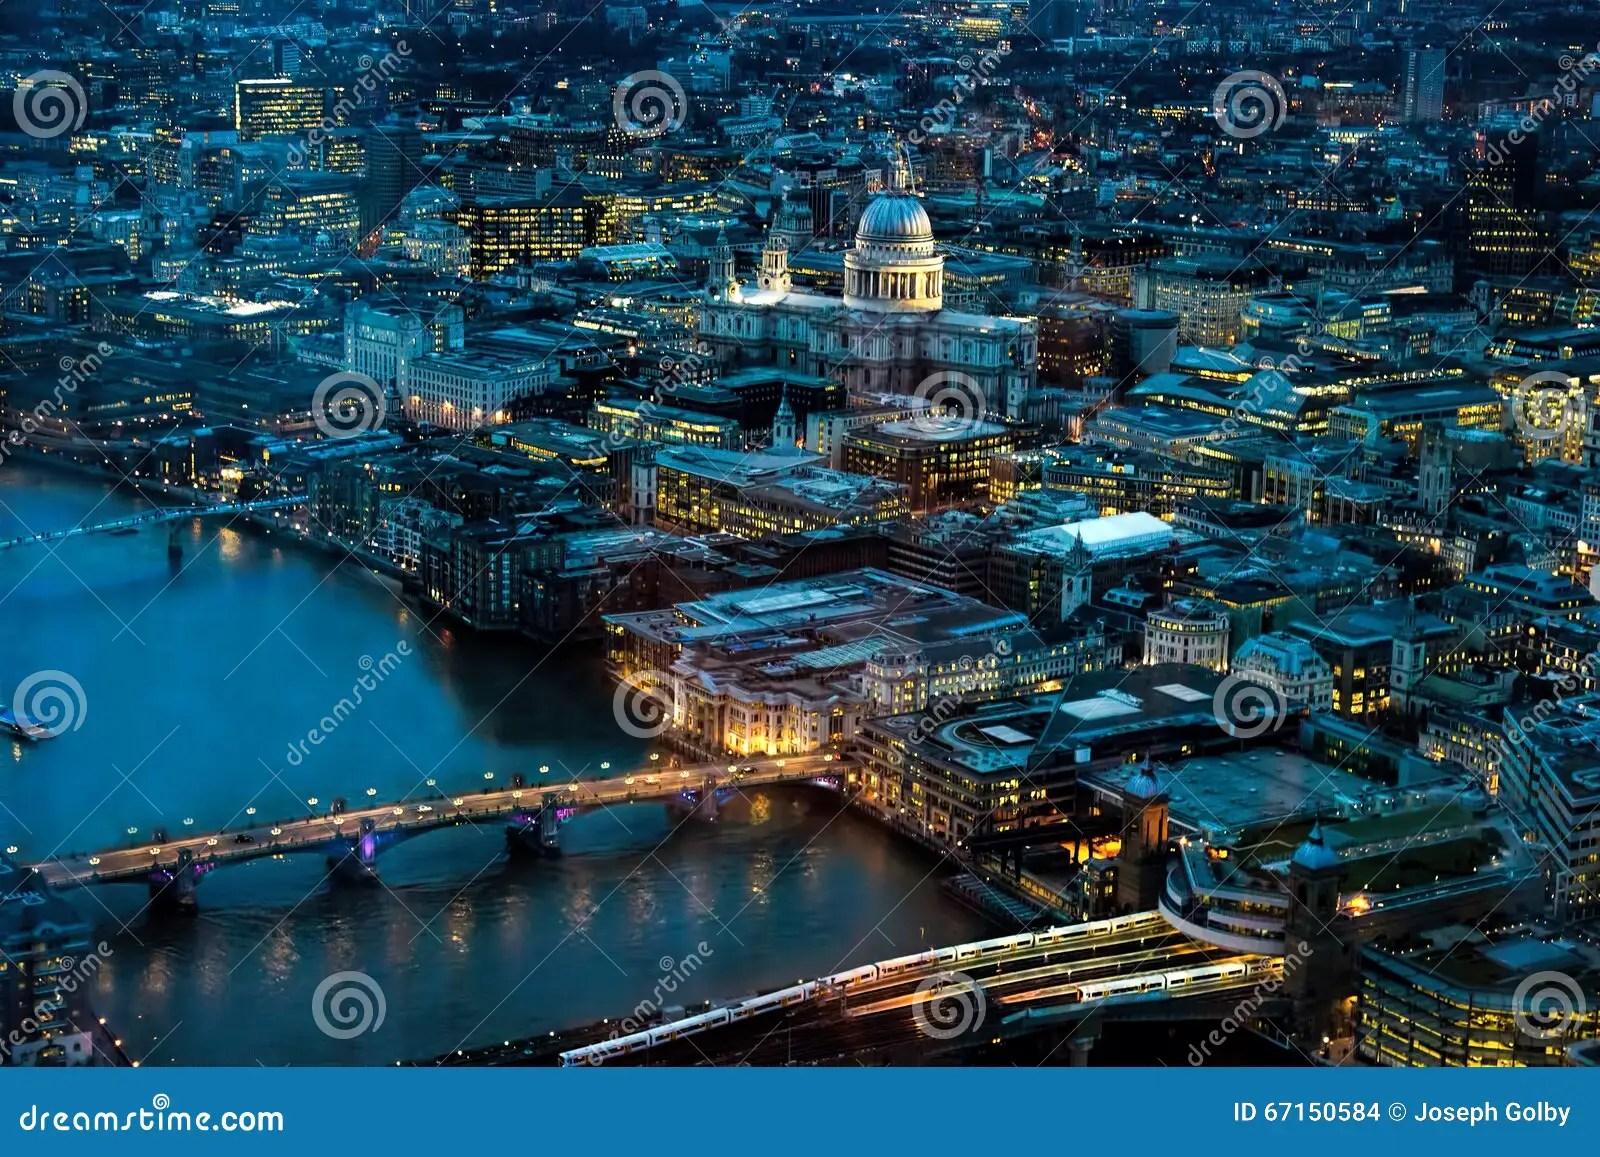 London At Night North Toward River Thames London Bridge